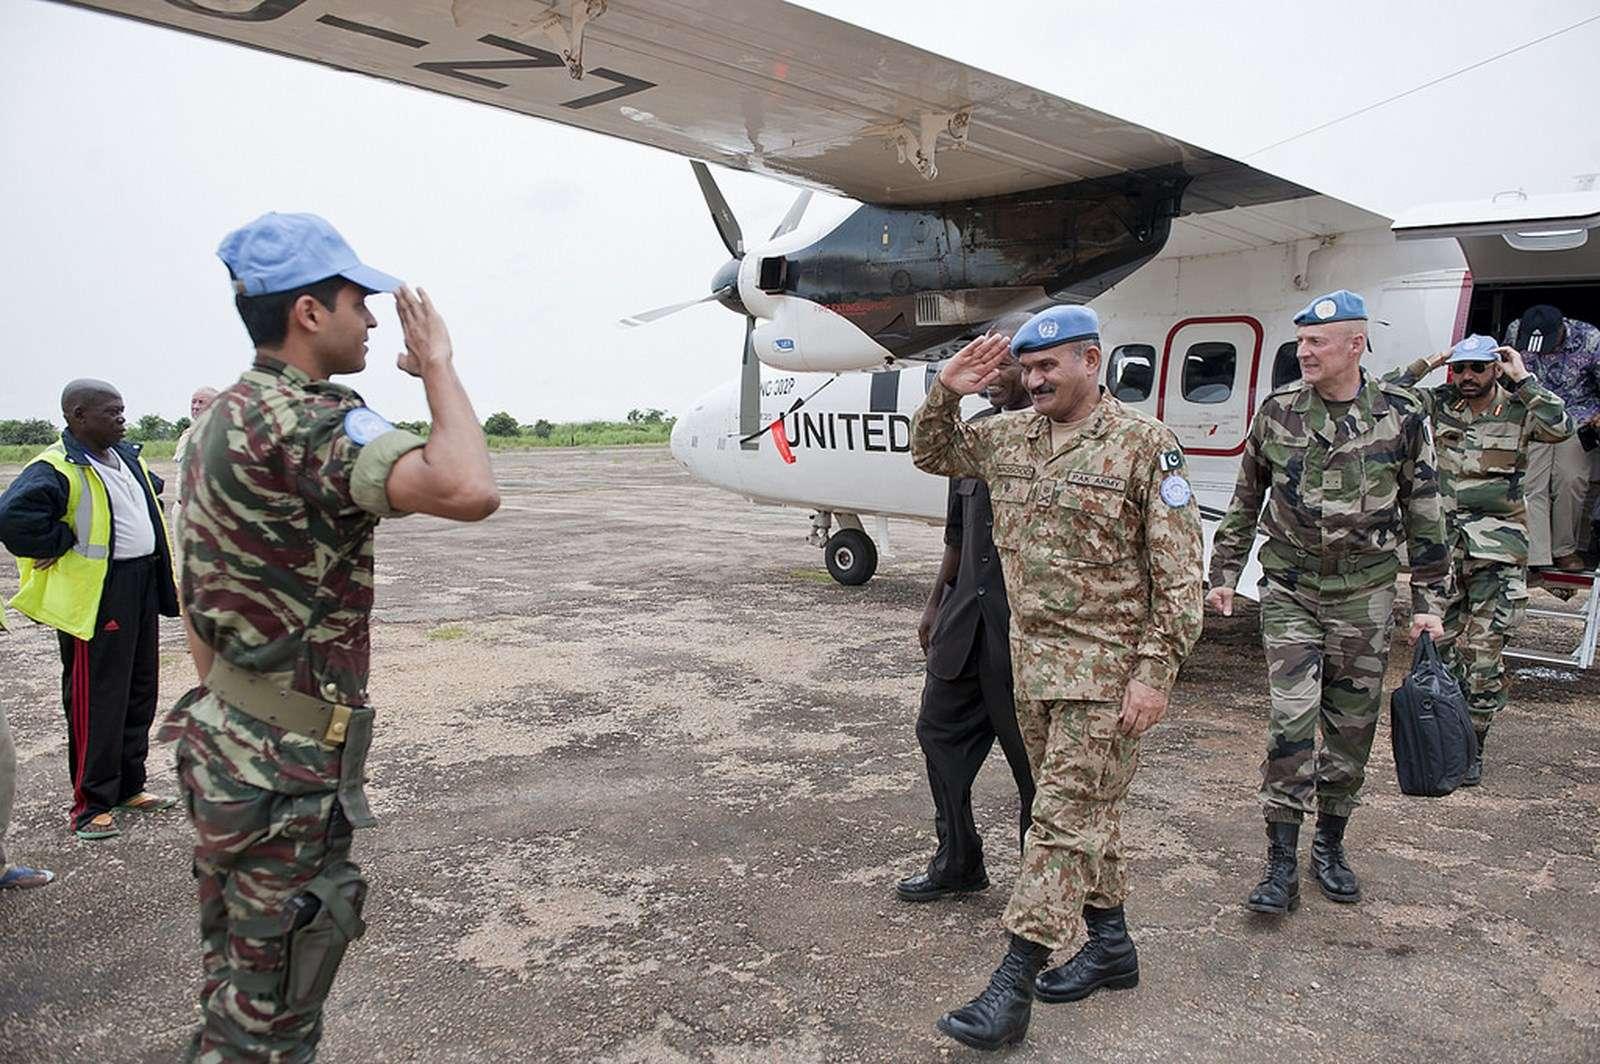 Maintien de la paix dans le monde - Les FAR en République Centrafricaine - RCA (MINUSCA) 14419110